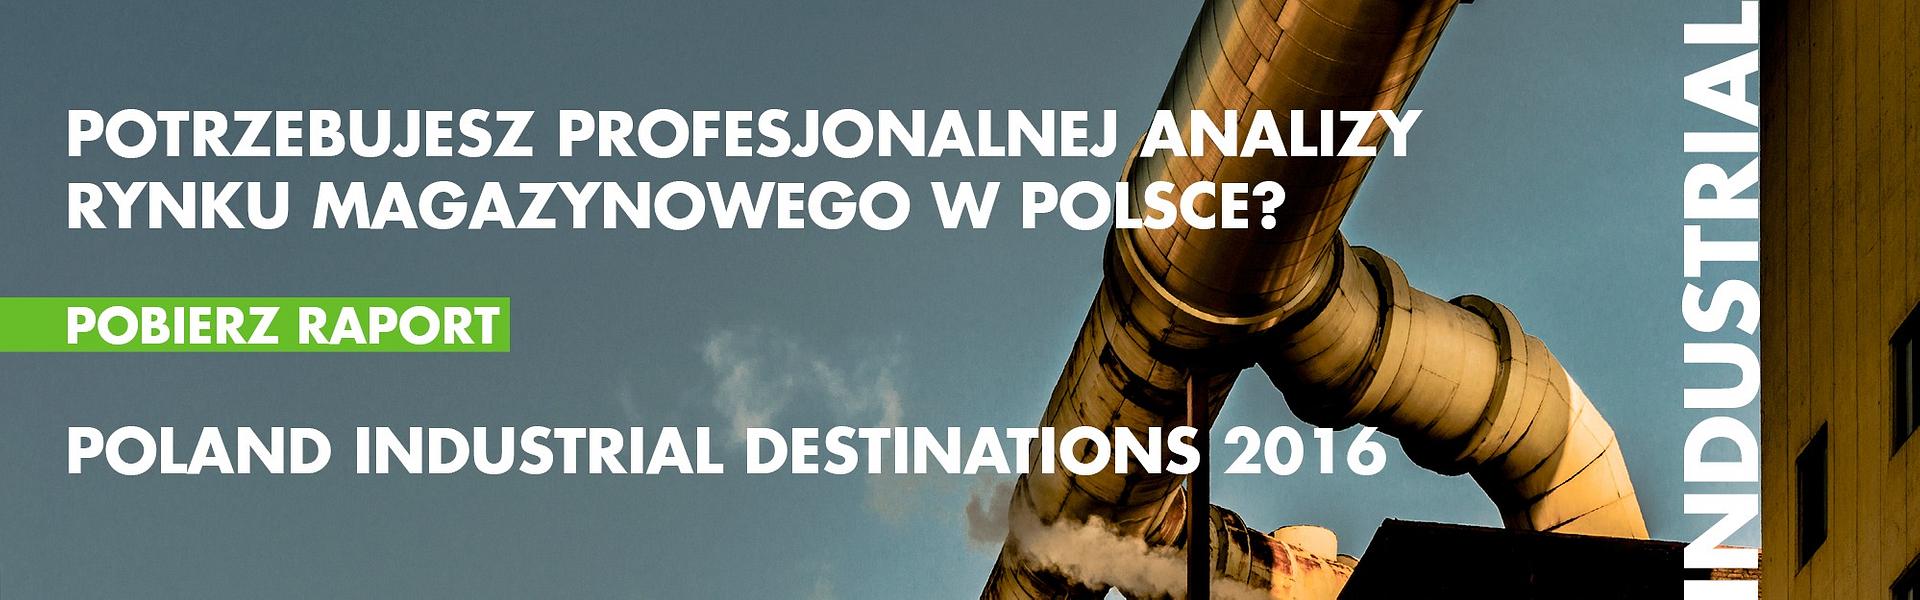 """""""POLAND INDUSTRIAL DESTINATIONS 2016"""", CZYLI DOKĄD ZMIERZA RYNEK POWIERZCHNI MAGAZYNOWYCH"""